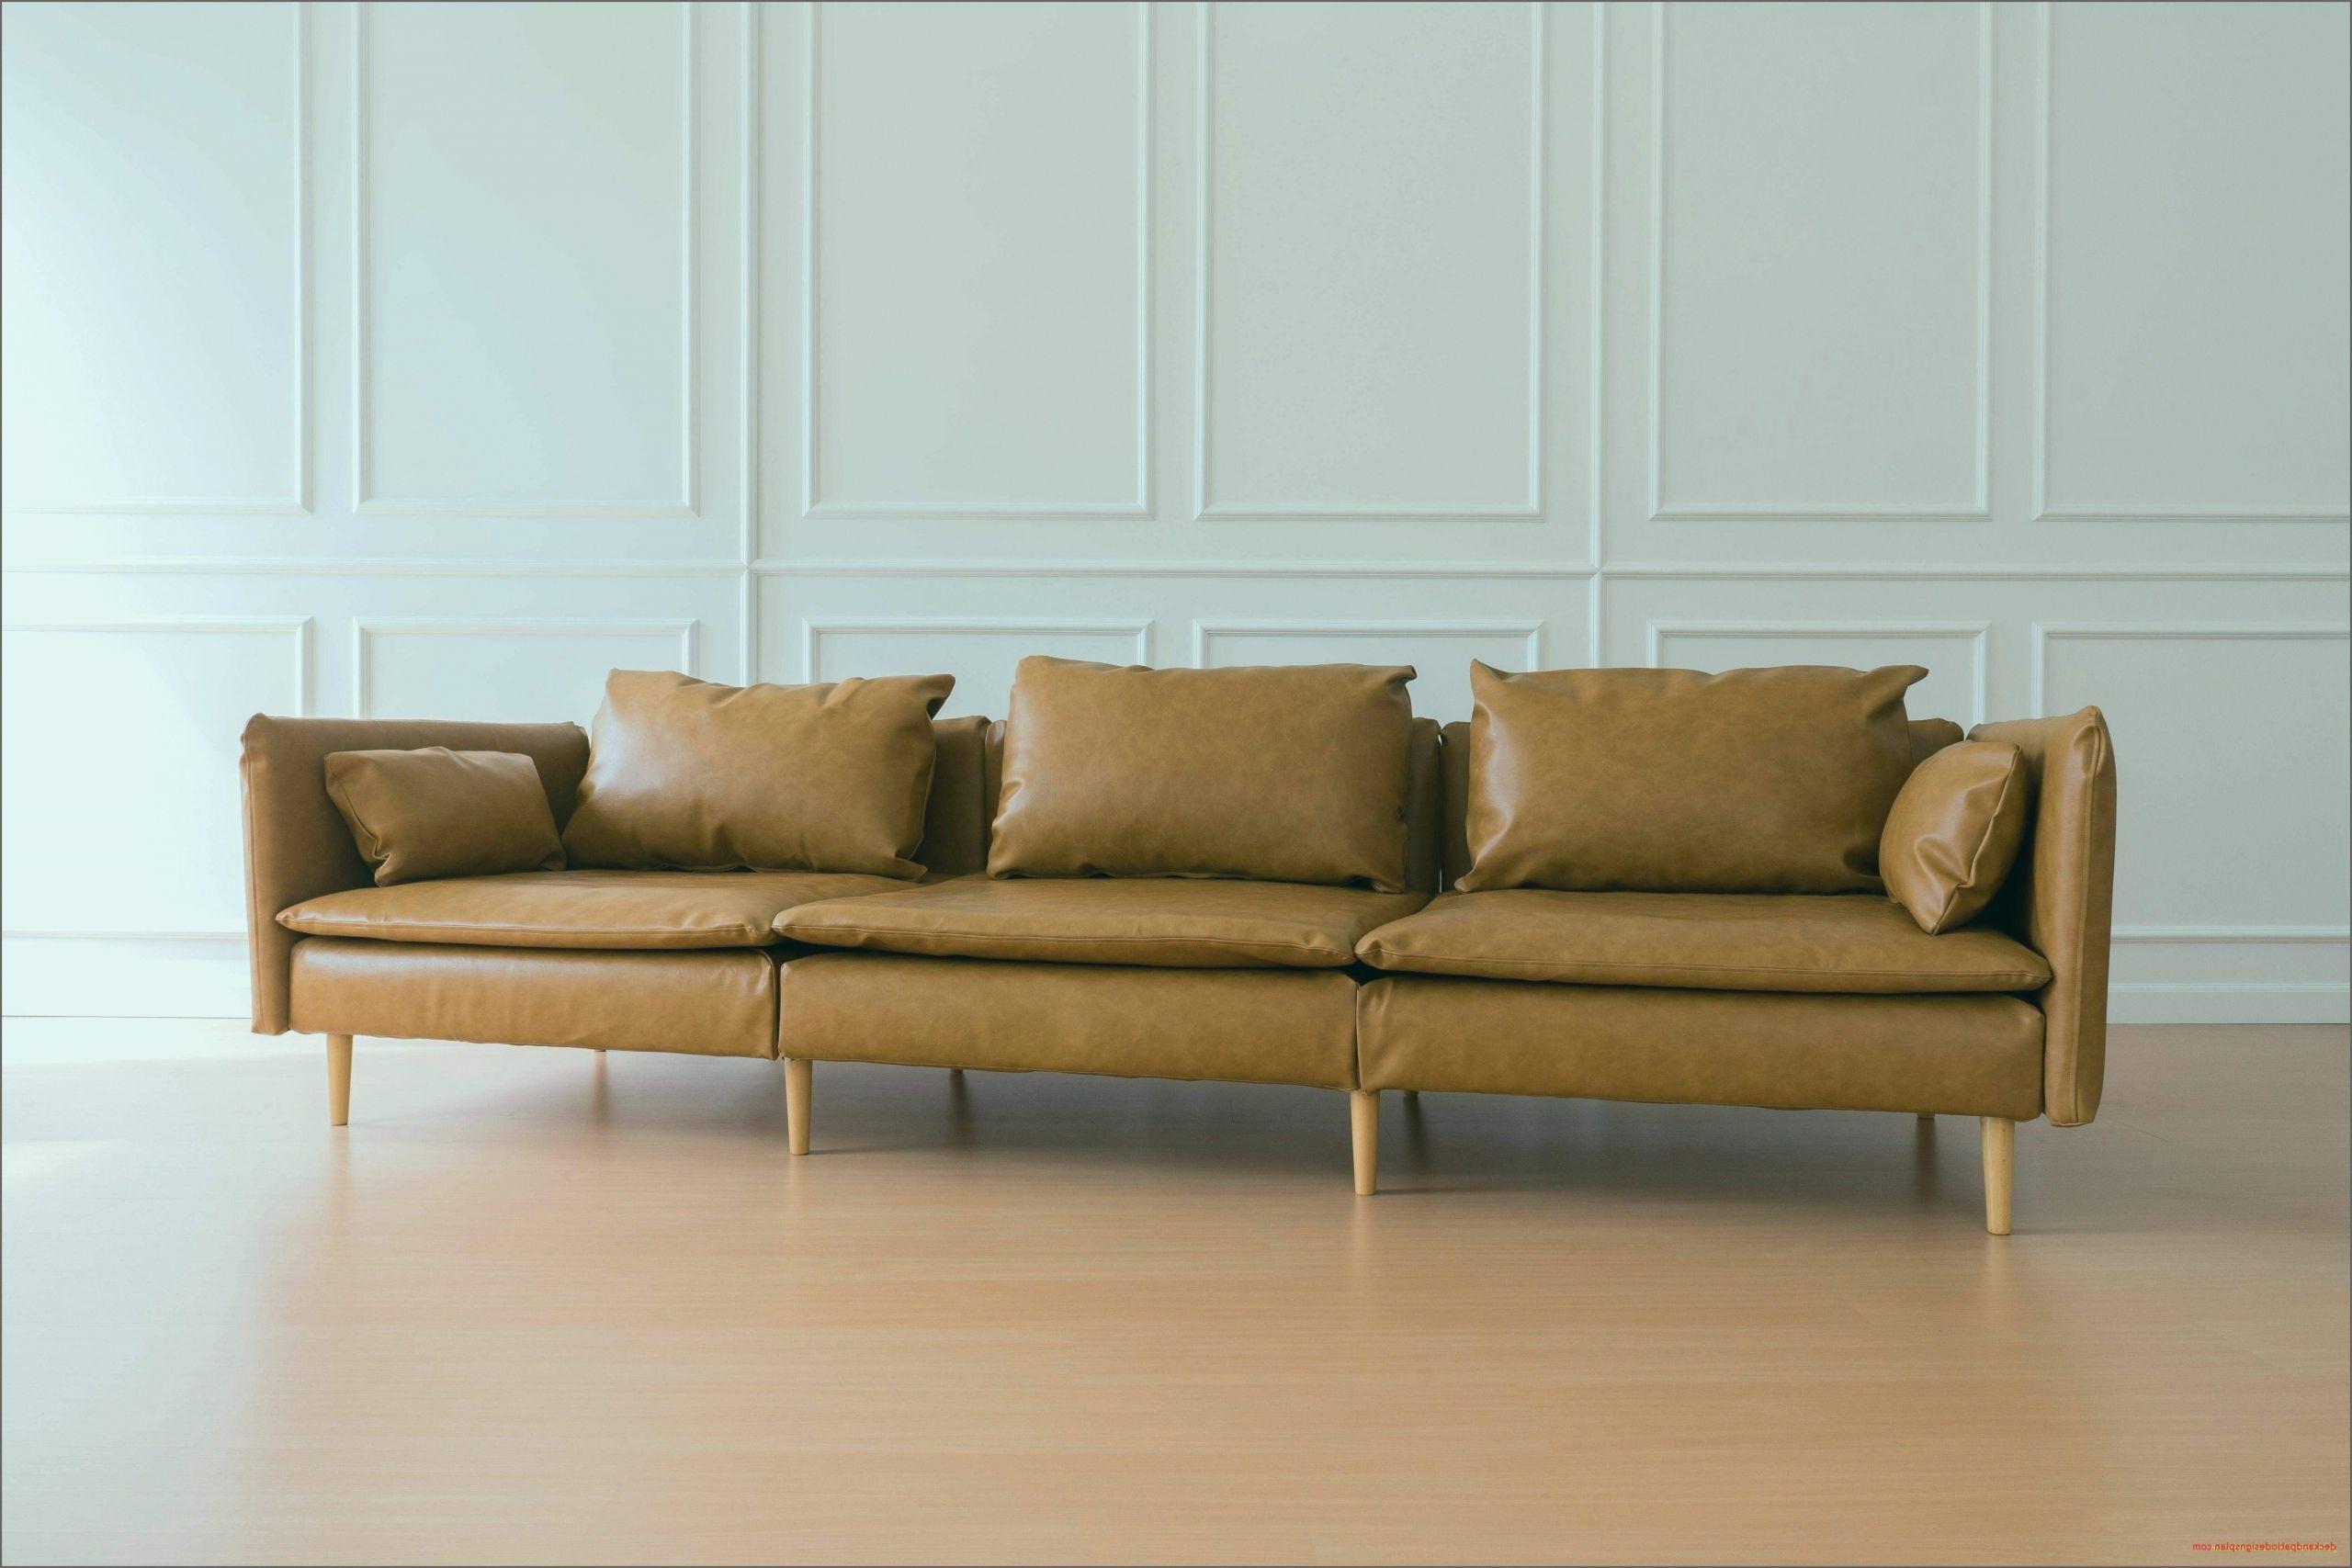 Full Size of Kleines Wohnzimmer Welches Sofa Kleines Wohnzimmer Großes Sofa Couch Für Kleines Wohnzimmer Kleines Wohnzimmer Mit Big Sofa Wohnzimmer Sofa Kleines Wohnzimmer